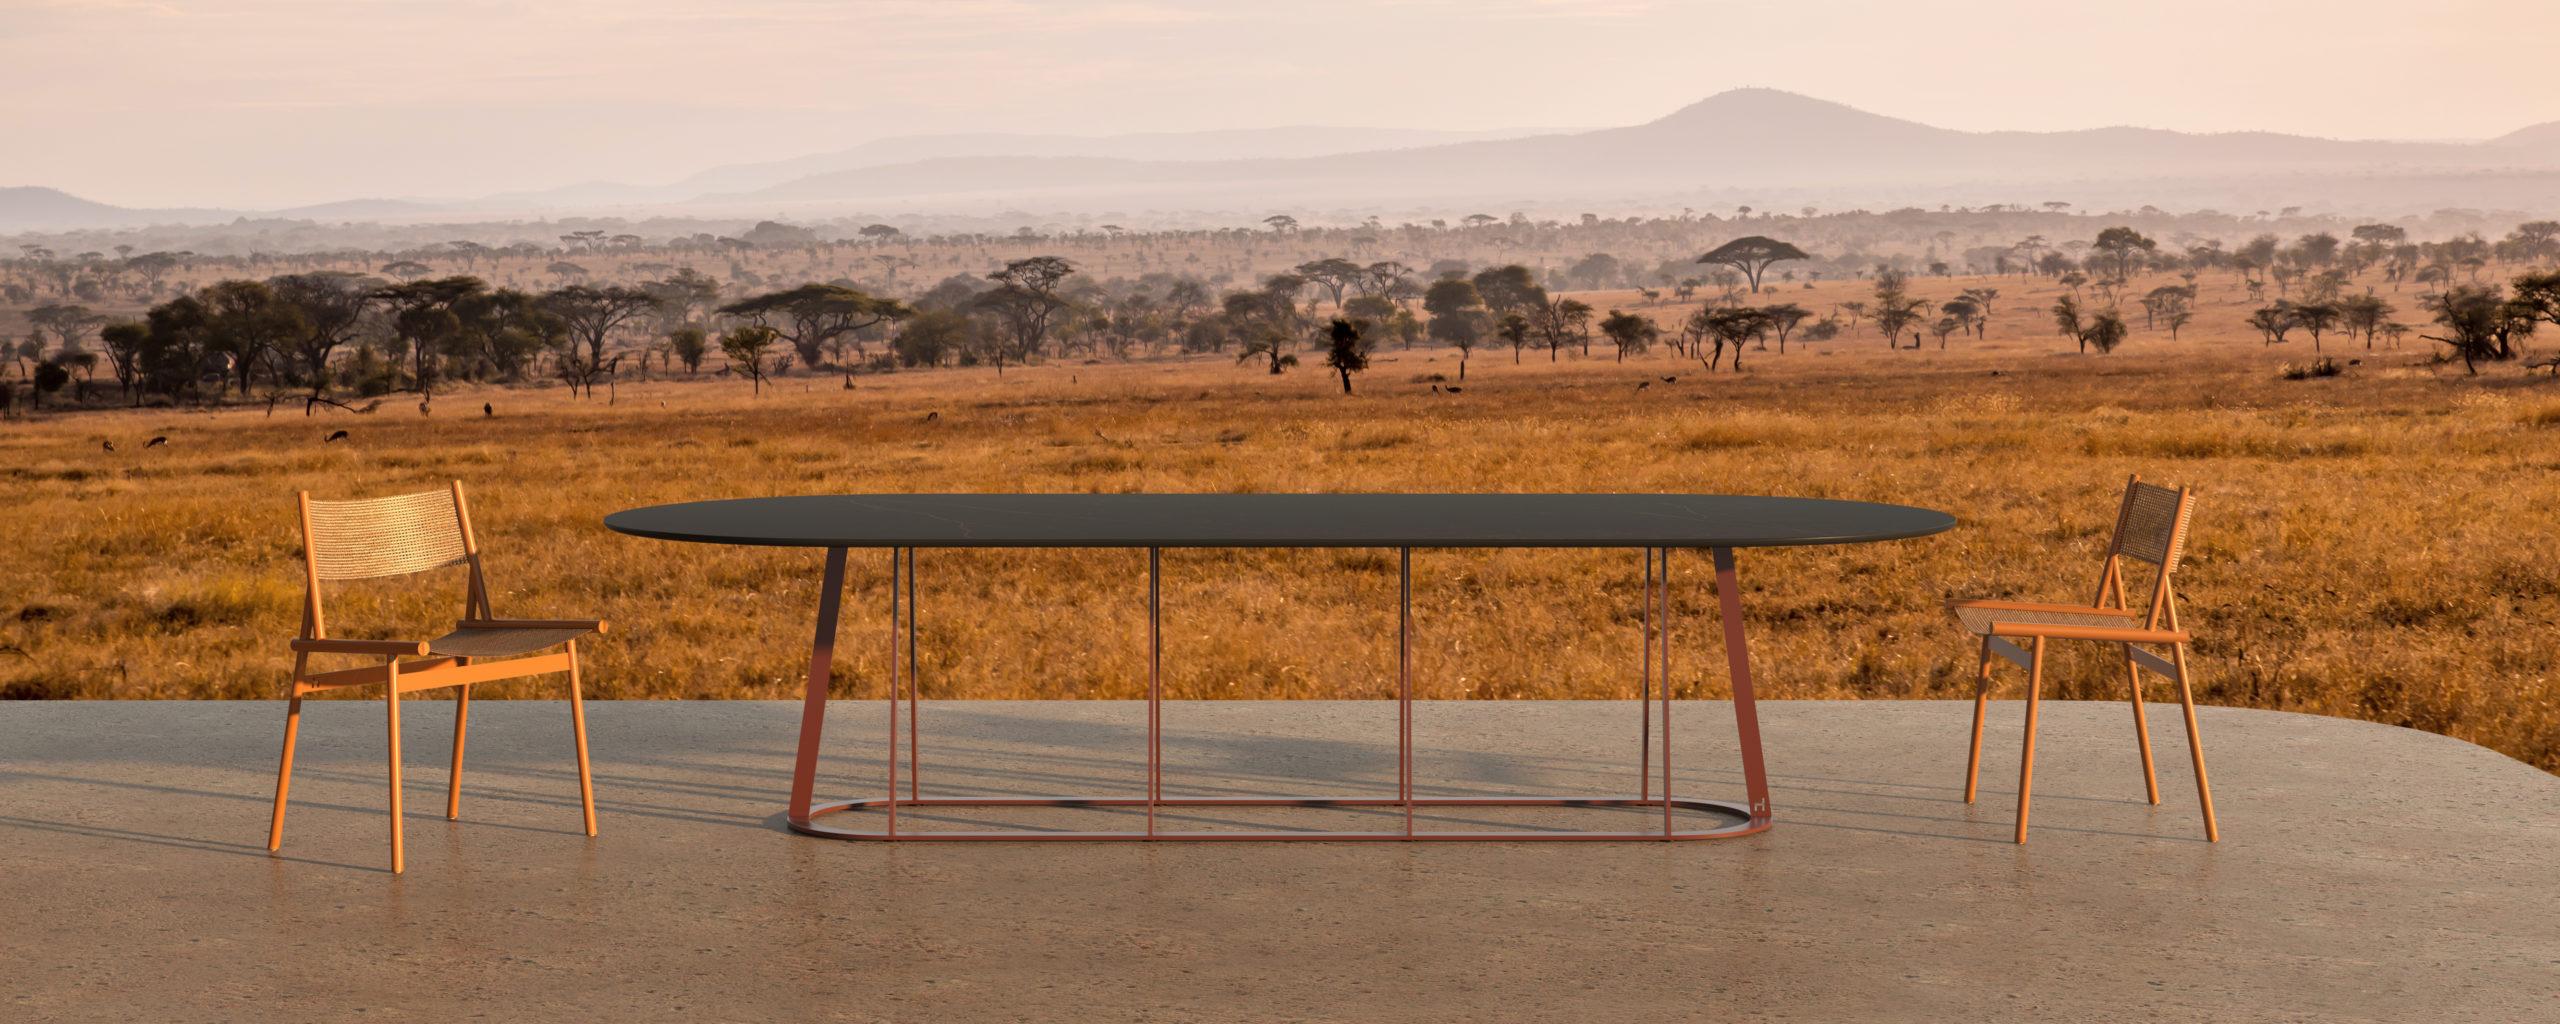 Serengeti-Plat-O-12-Seater-scaled